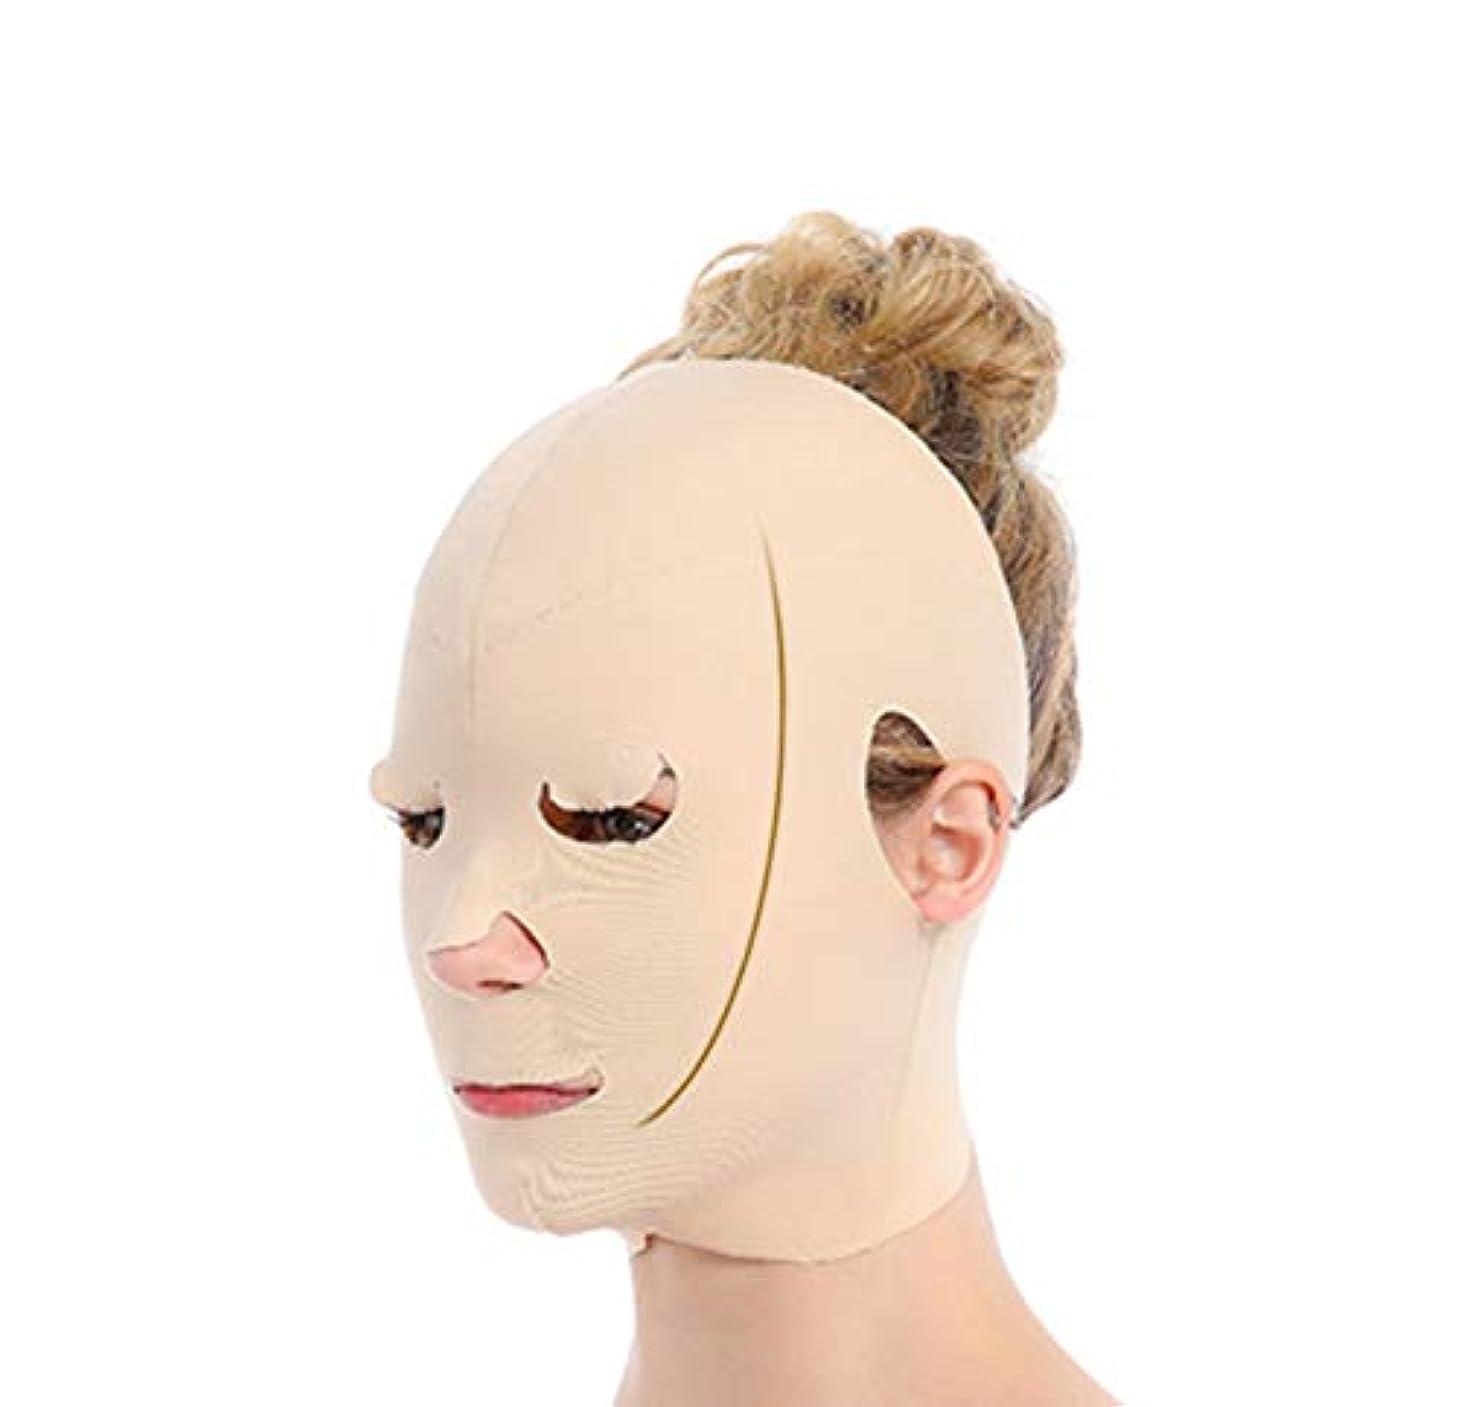 瞑想する共産主義実験小さな顔ツールv顔包帯薄い顔美容マスク怠惰な睡眠マスク男性と女性v顔包帯整形リフティング引き締め顔薄い二重あご